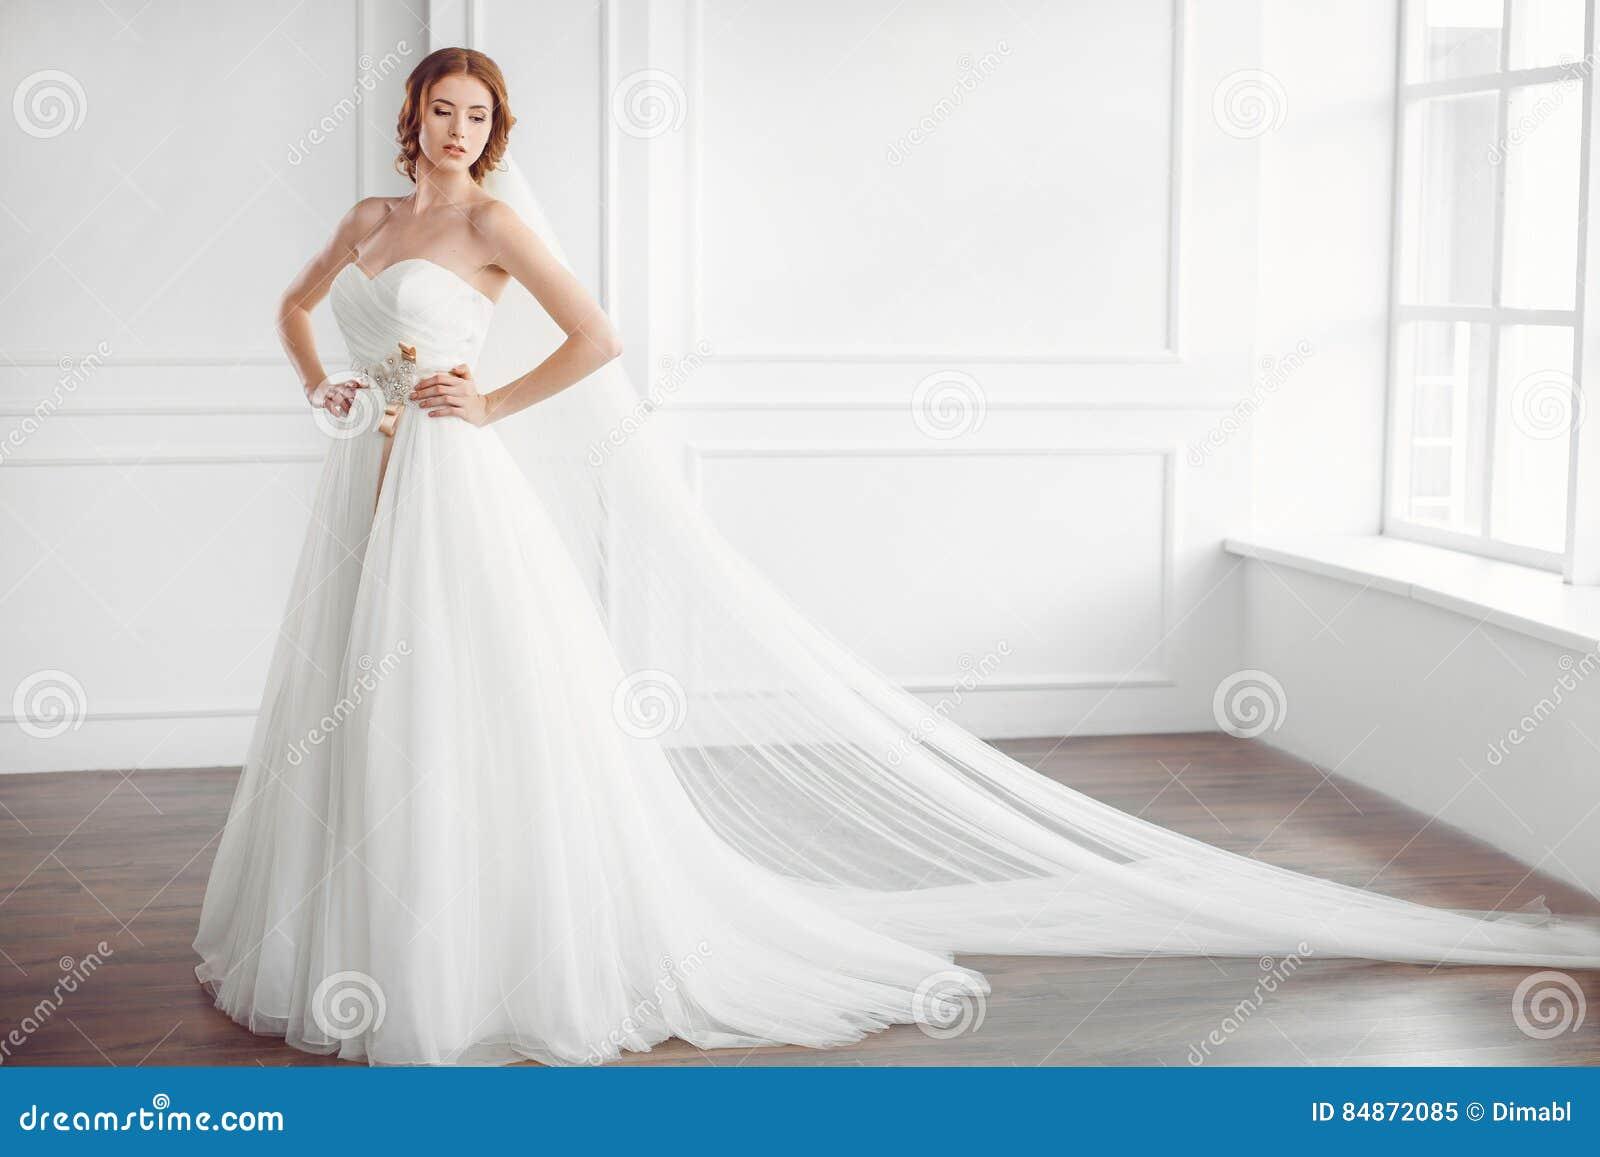 Braut Im Weissen Hochzeitskleid Mit Langem Schleier Stockbild Bild